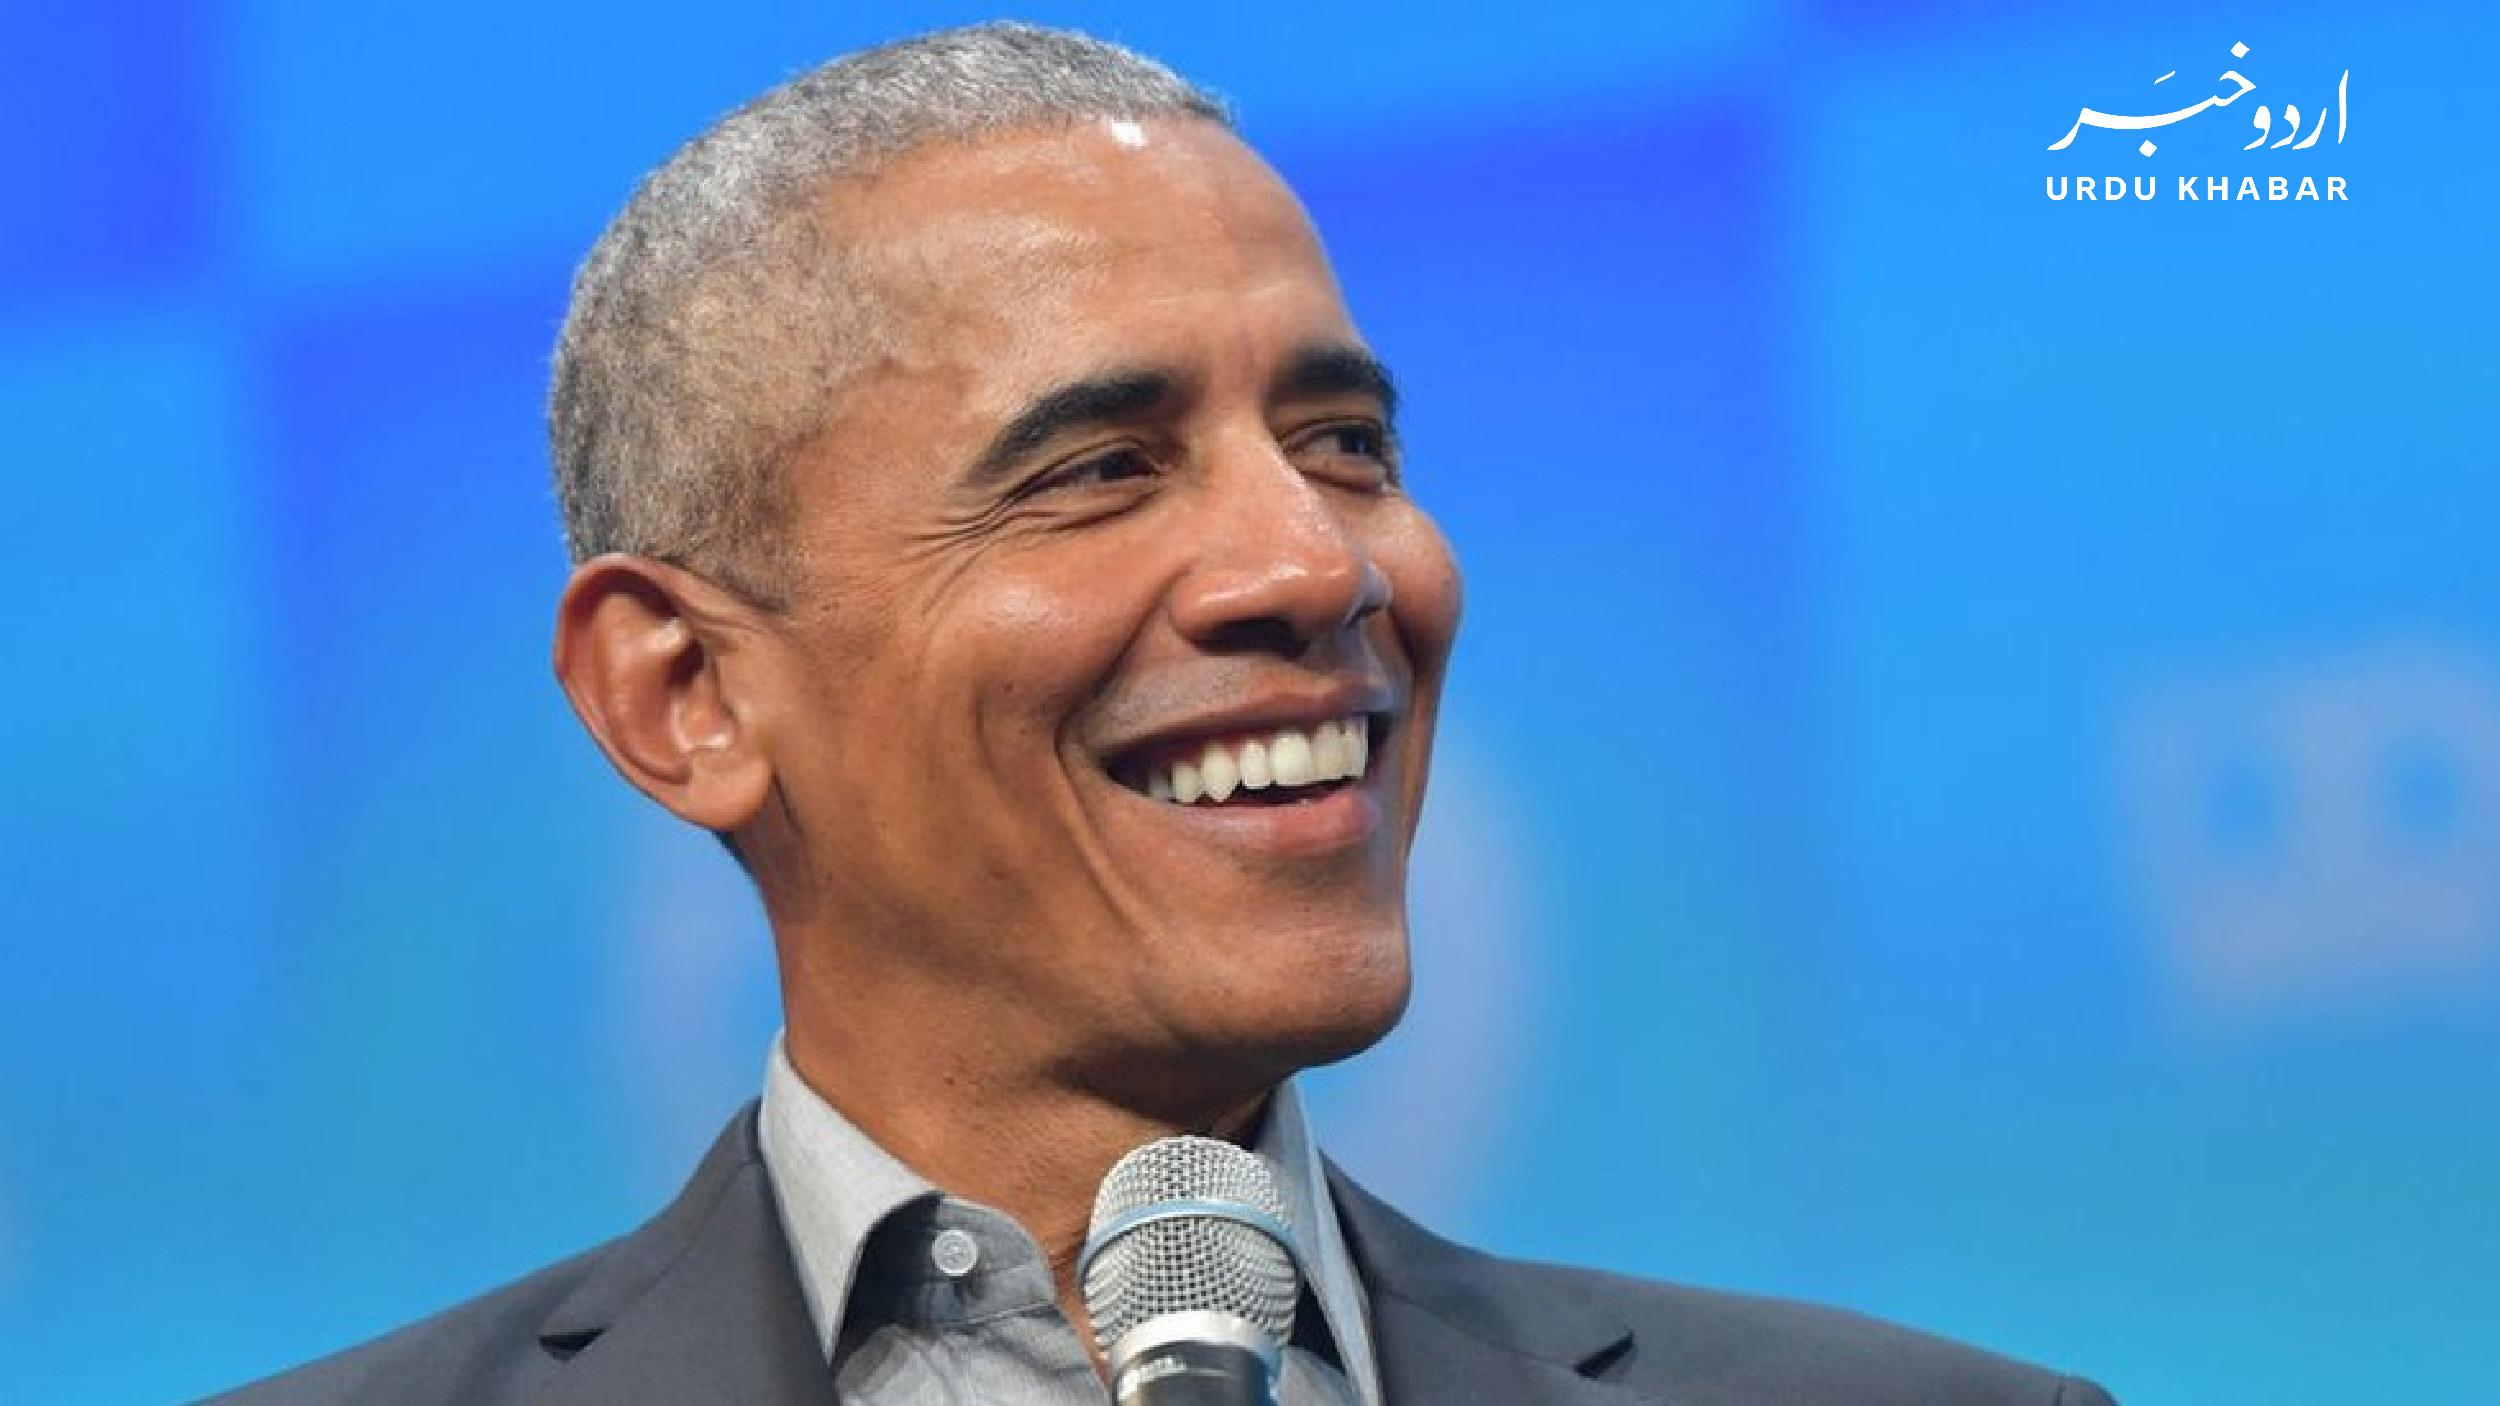 پاکستان کو اسامہ بن لادن کے قتل کی خبر دینا سوچ سے زیادہ آسان تھا، باراک اوباما